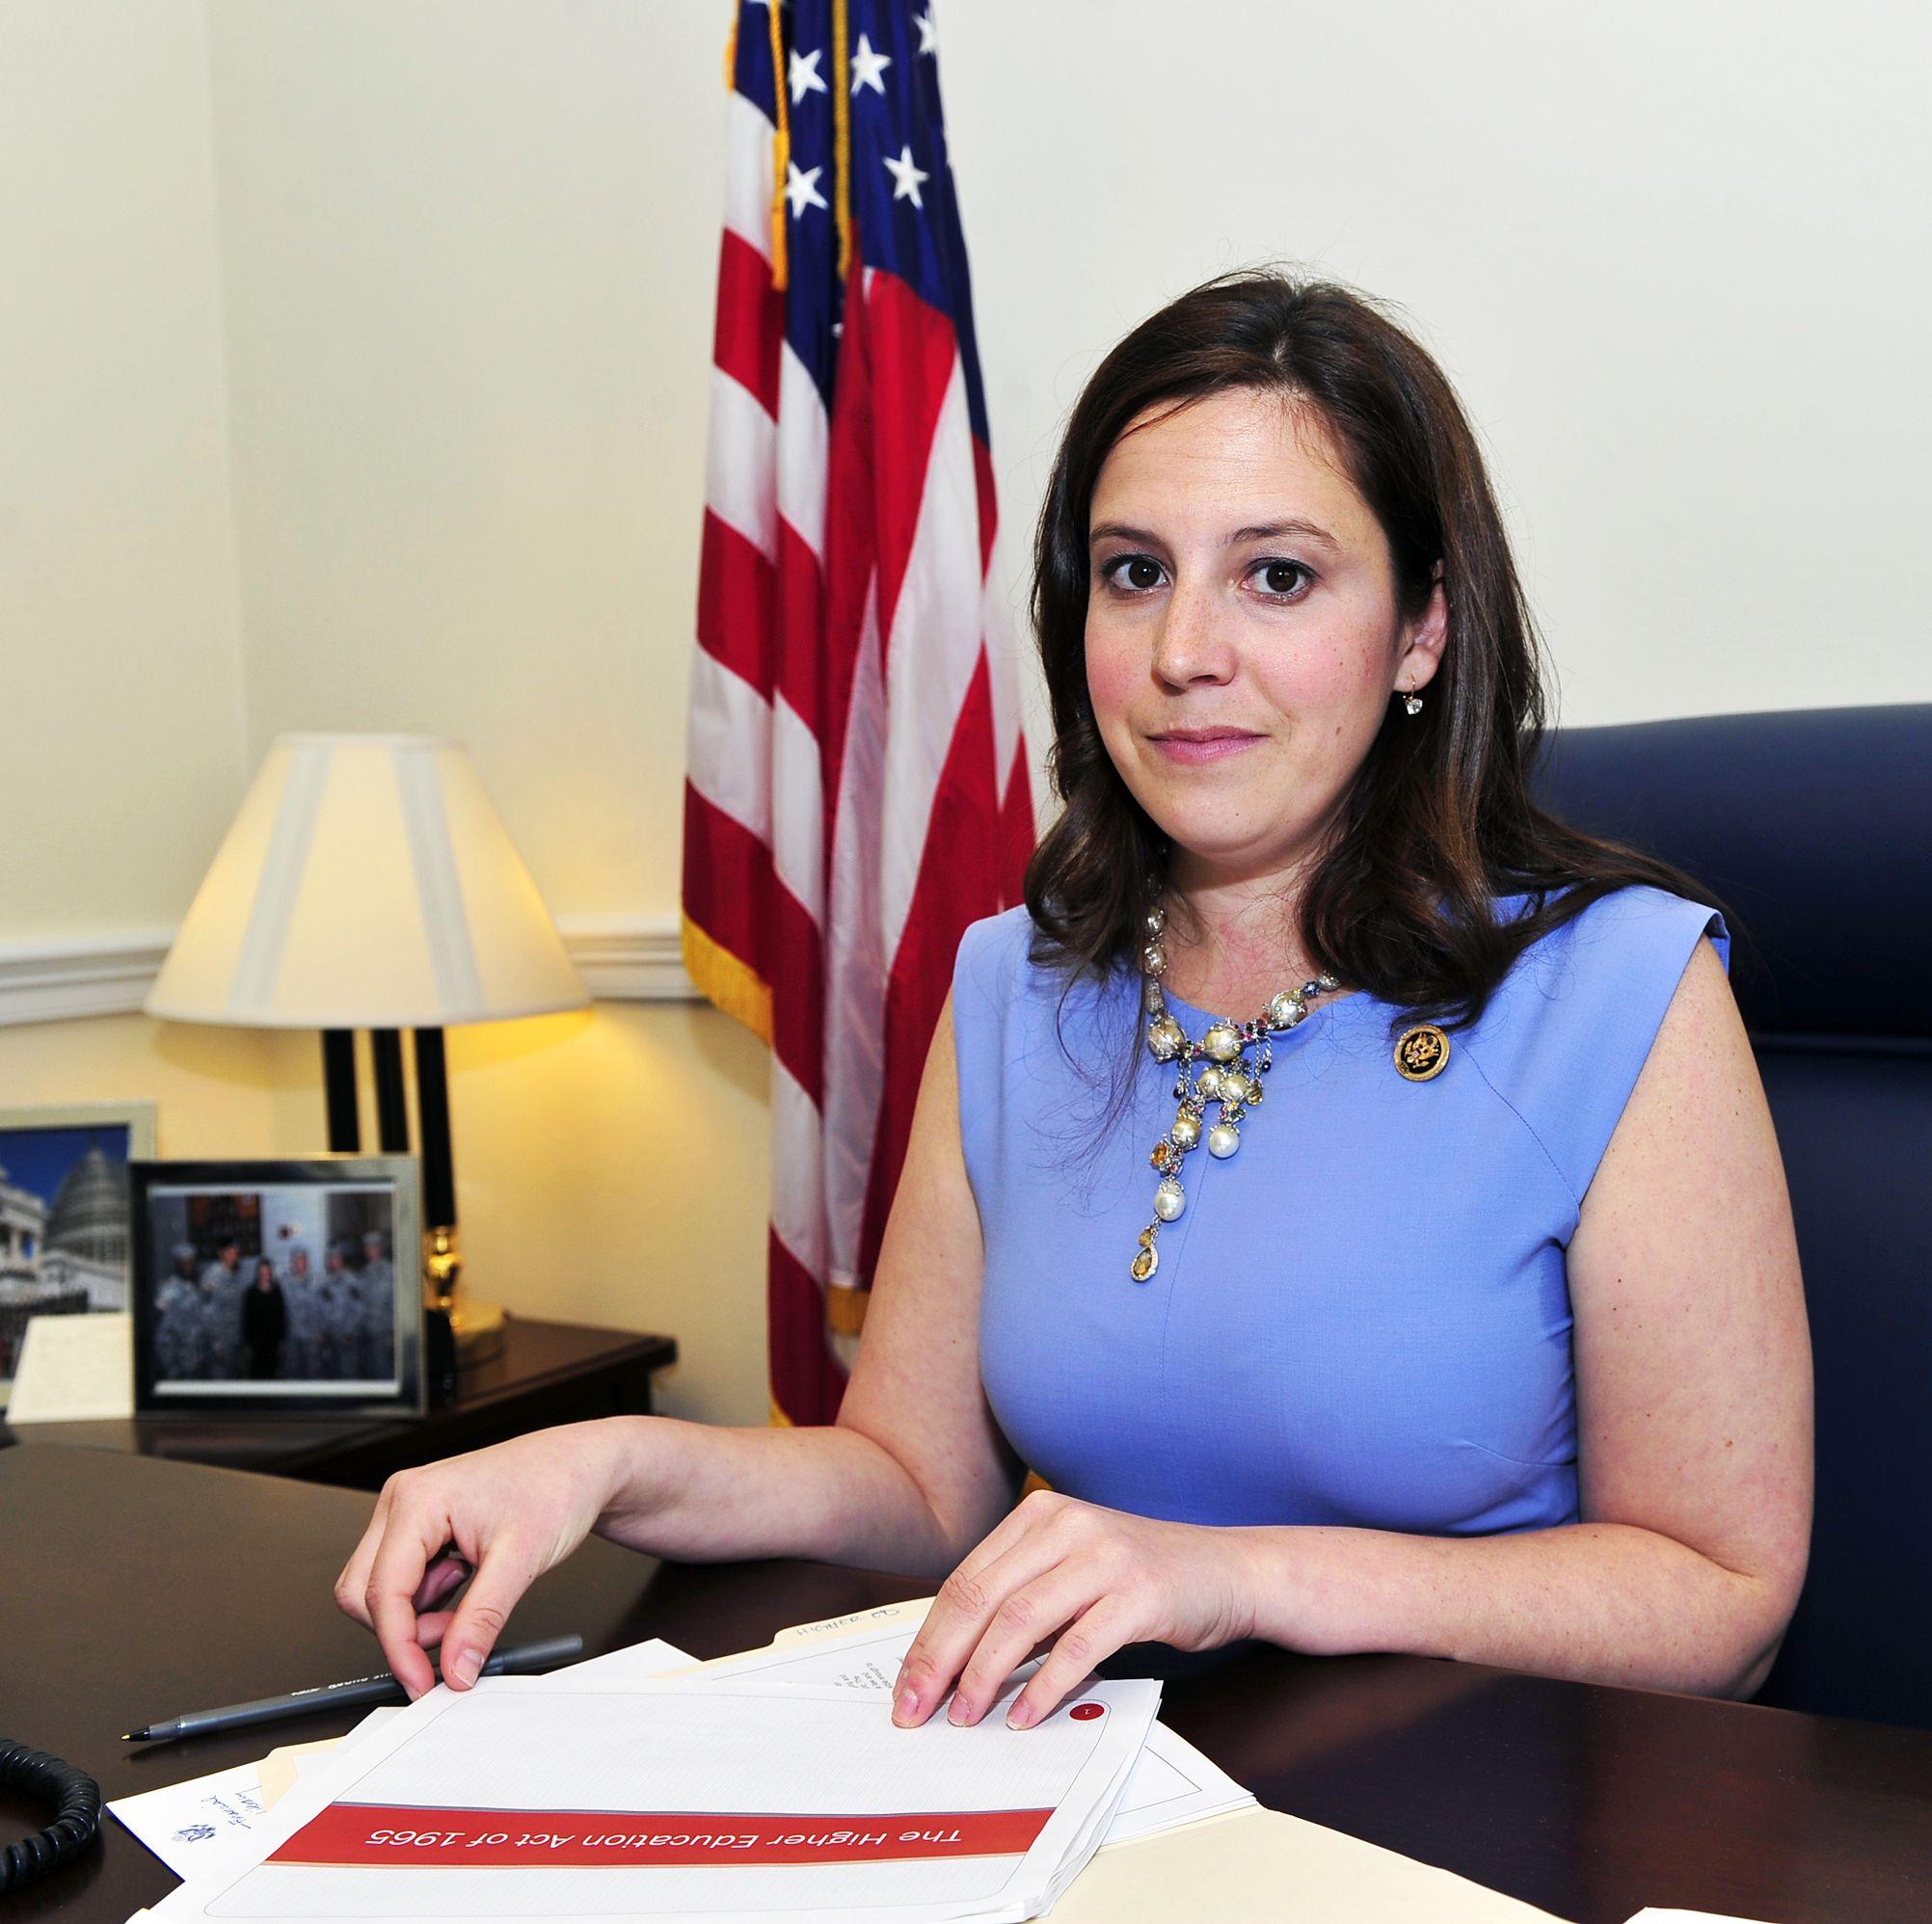 Elise M. Stefanik Photoshoot, Cannon House Office Building, Washington, D.C., America - 13 Apr 2015